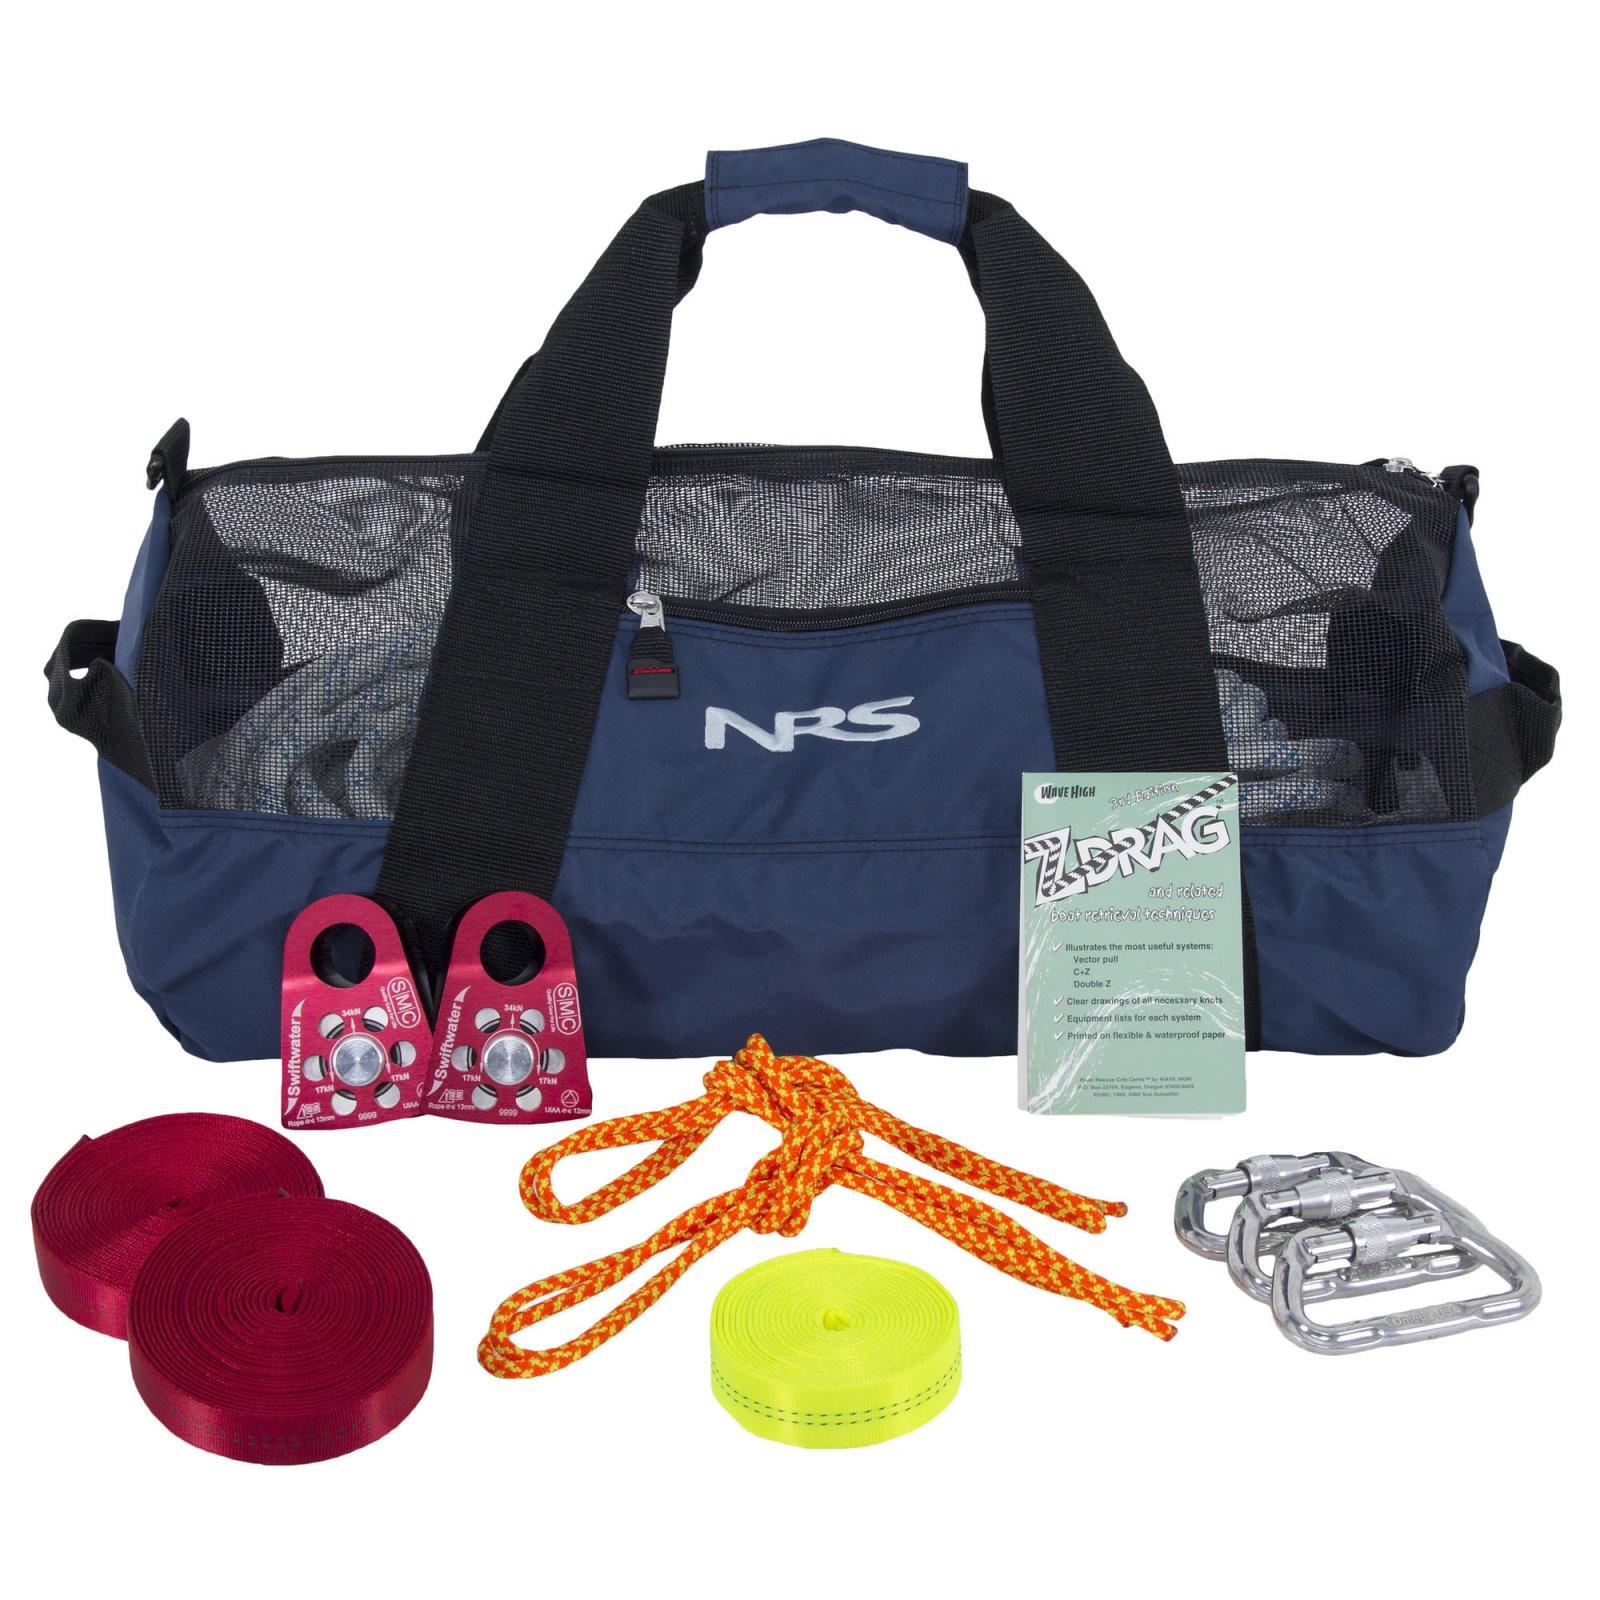 UWG Z-Drag Kit with Duffel Bag